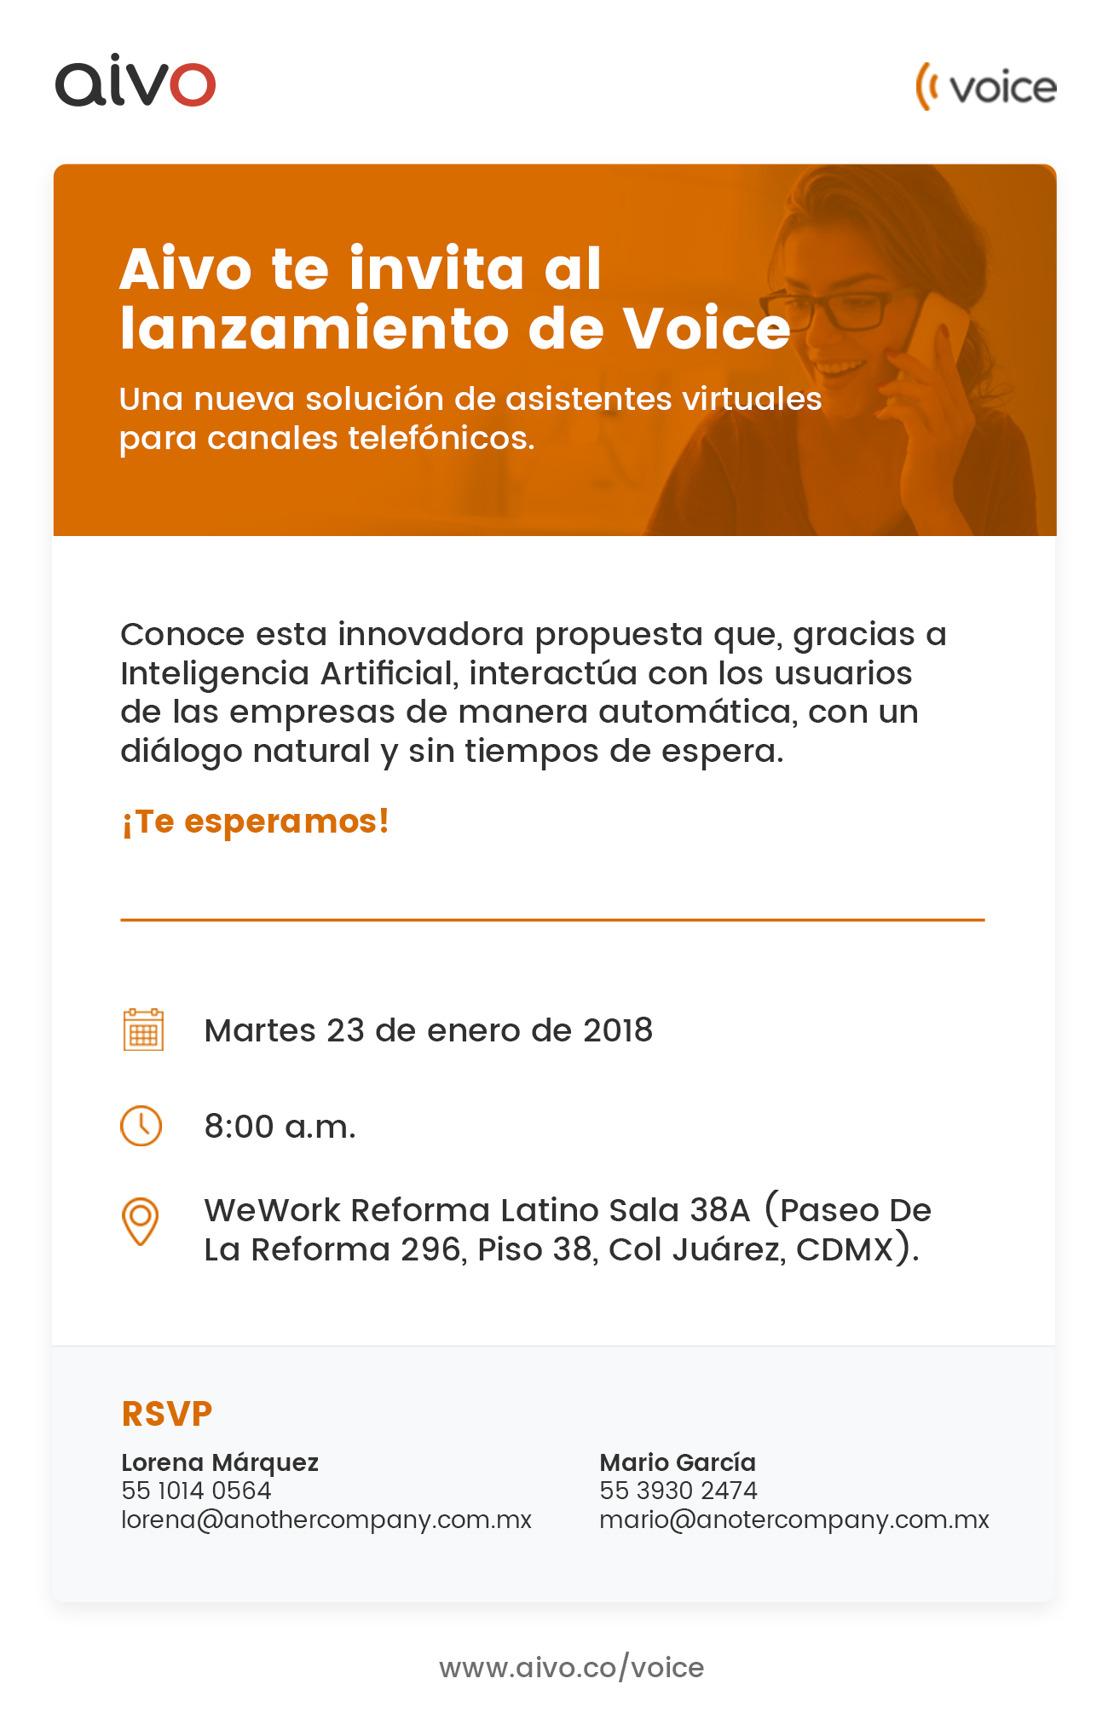 INVITACIÓN: Aivo te invita al lanzamiento de Voice